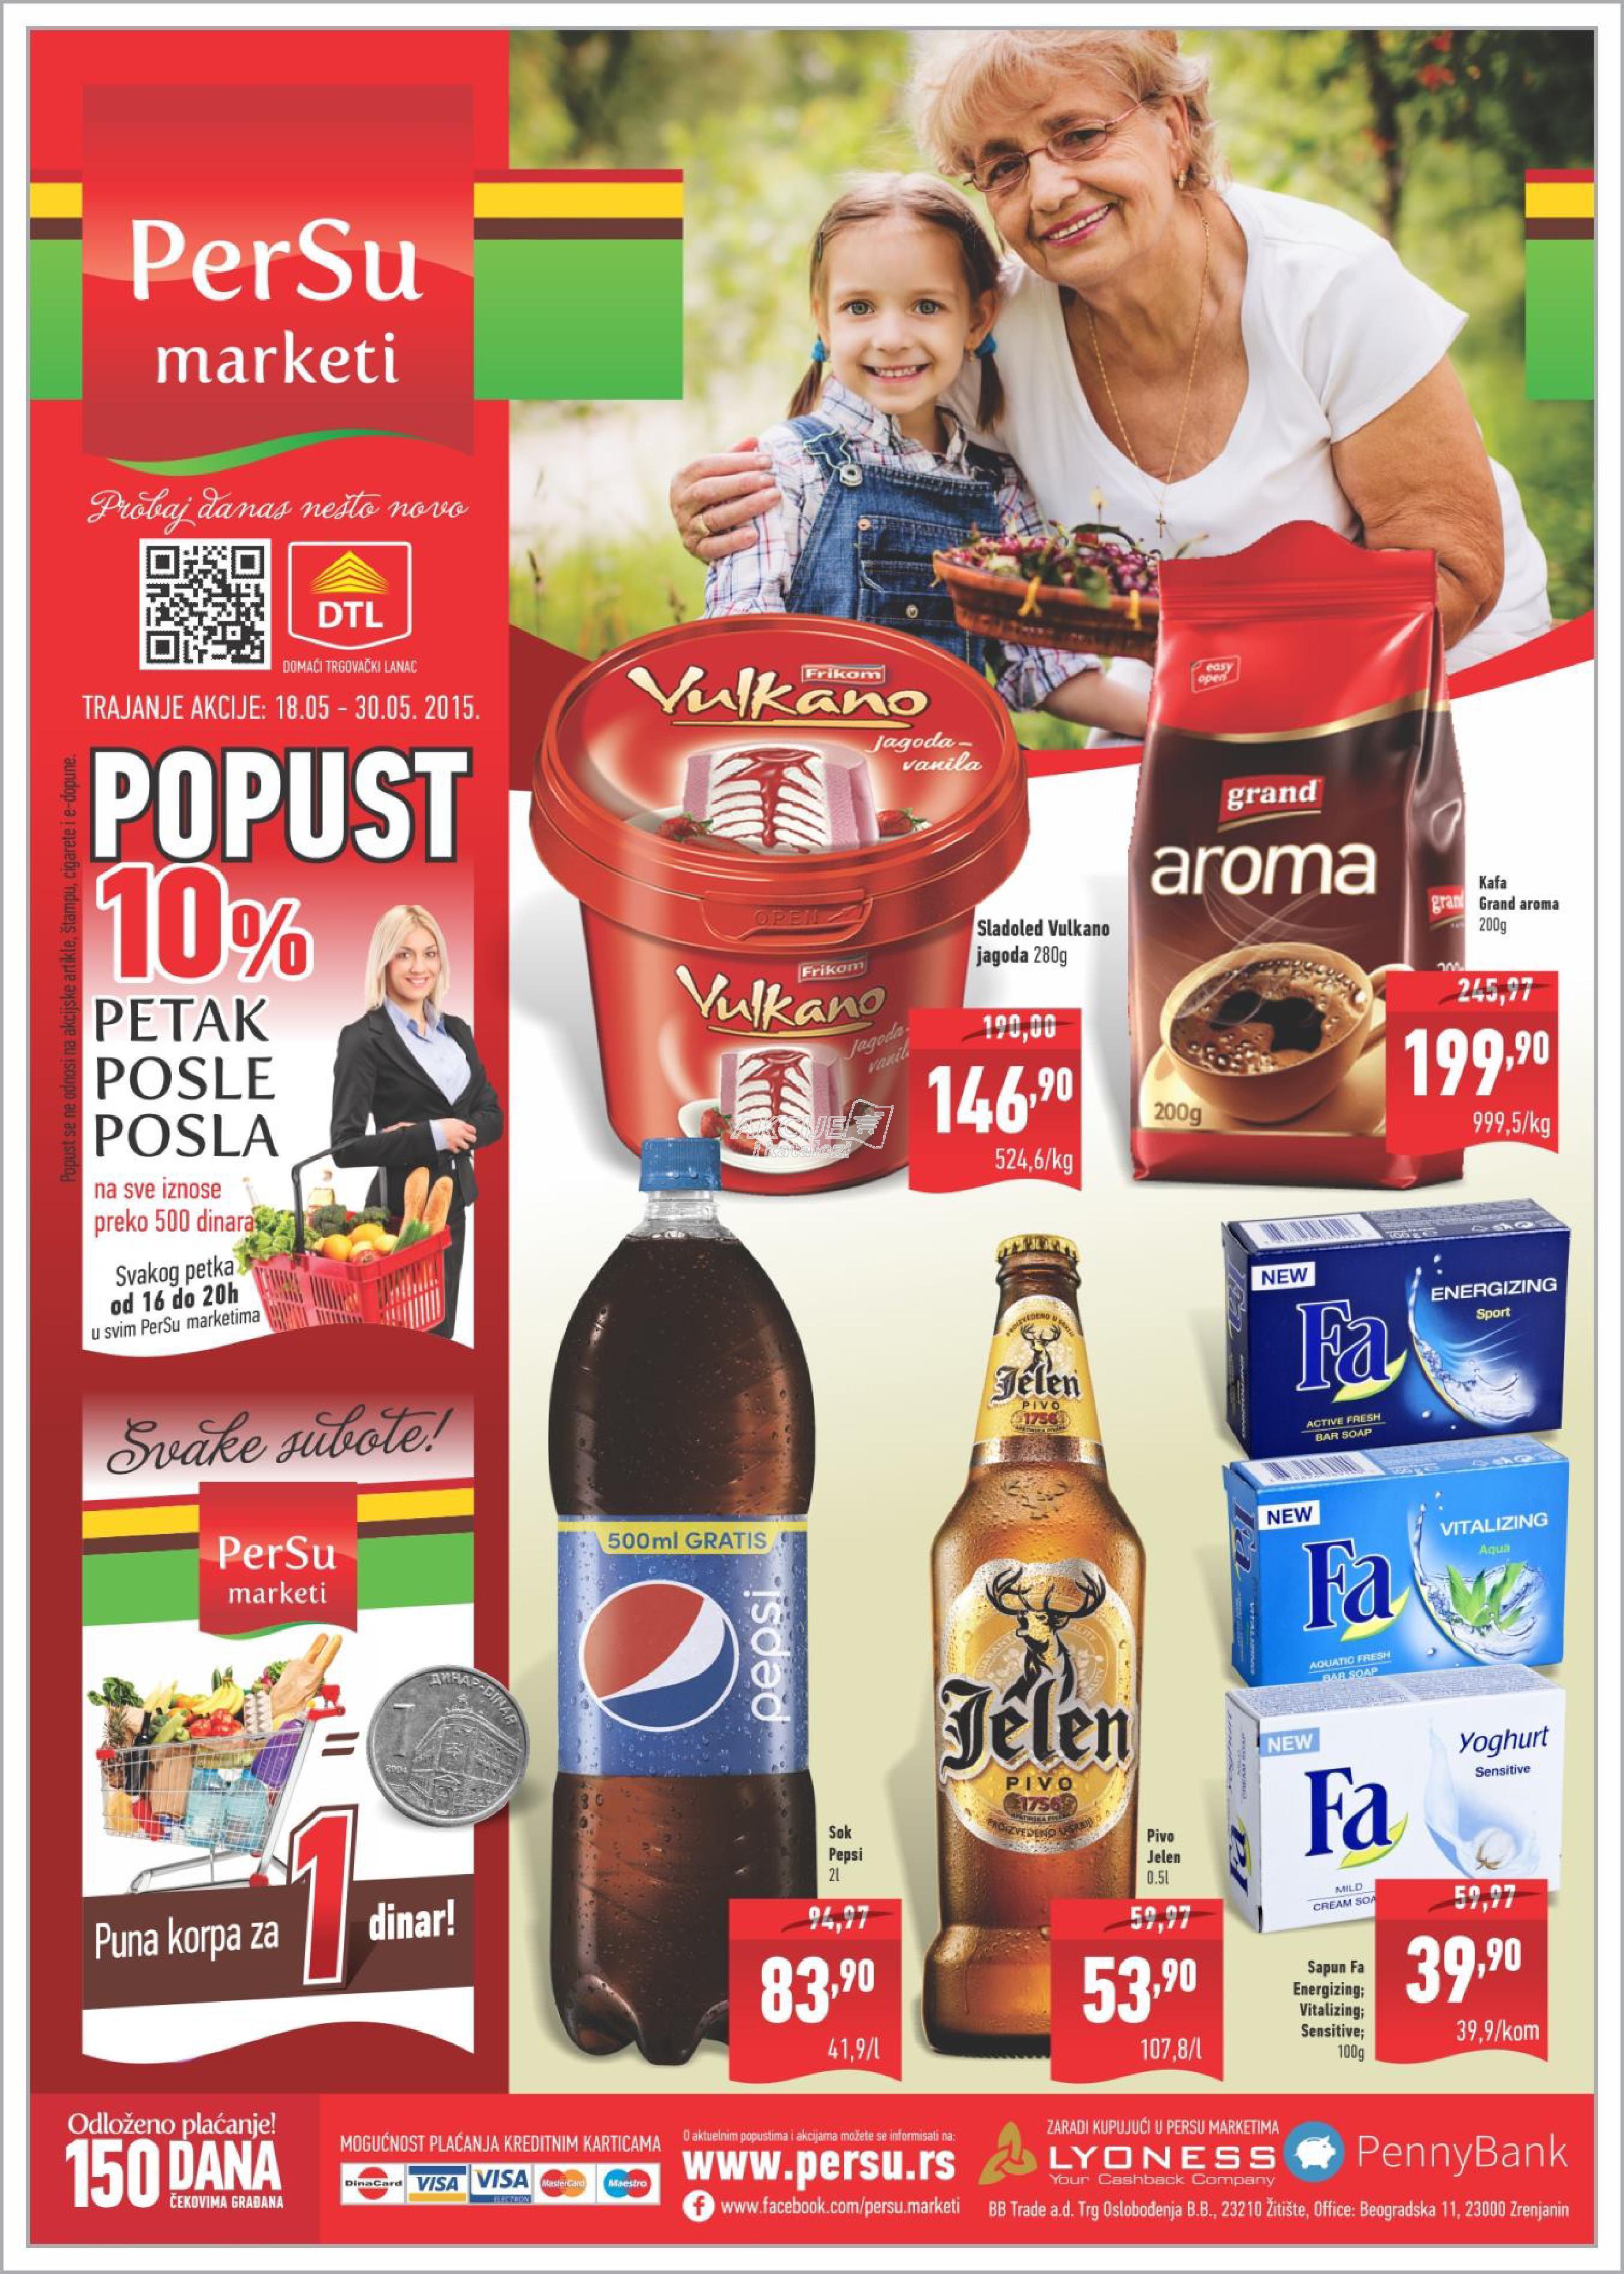 Persu - Redovna akcija sjajne ponude za vas